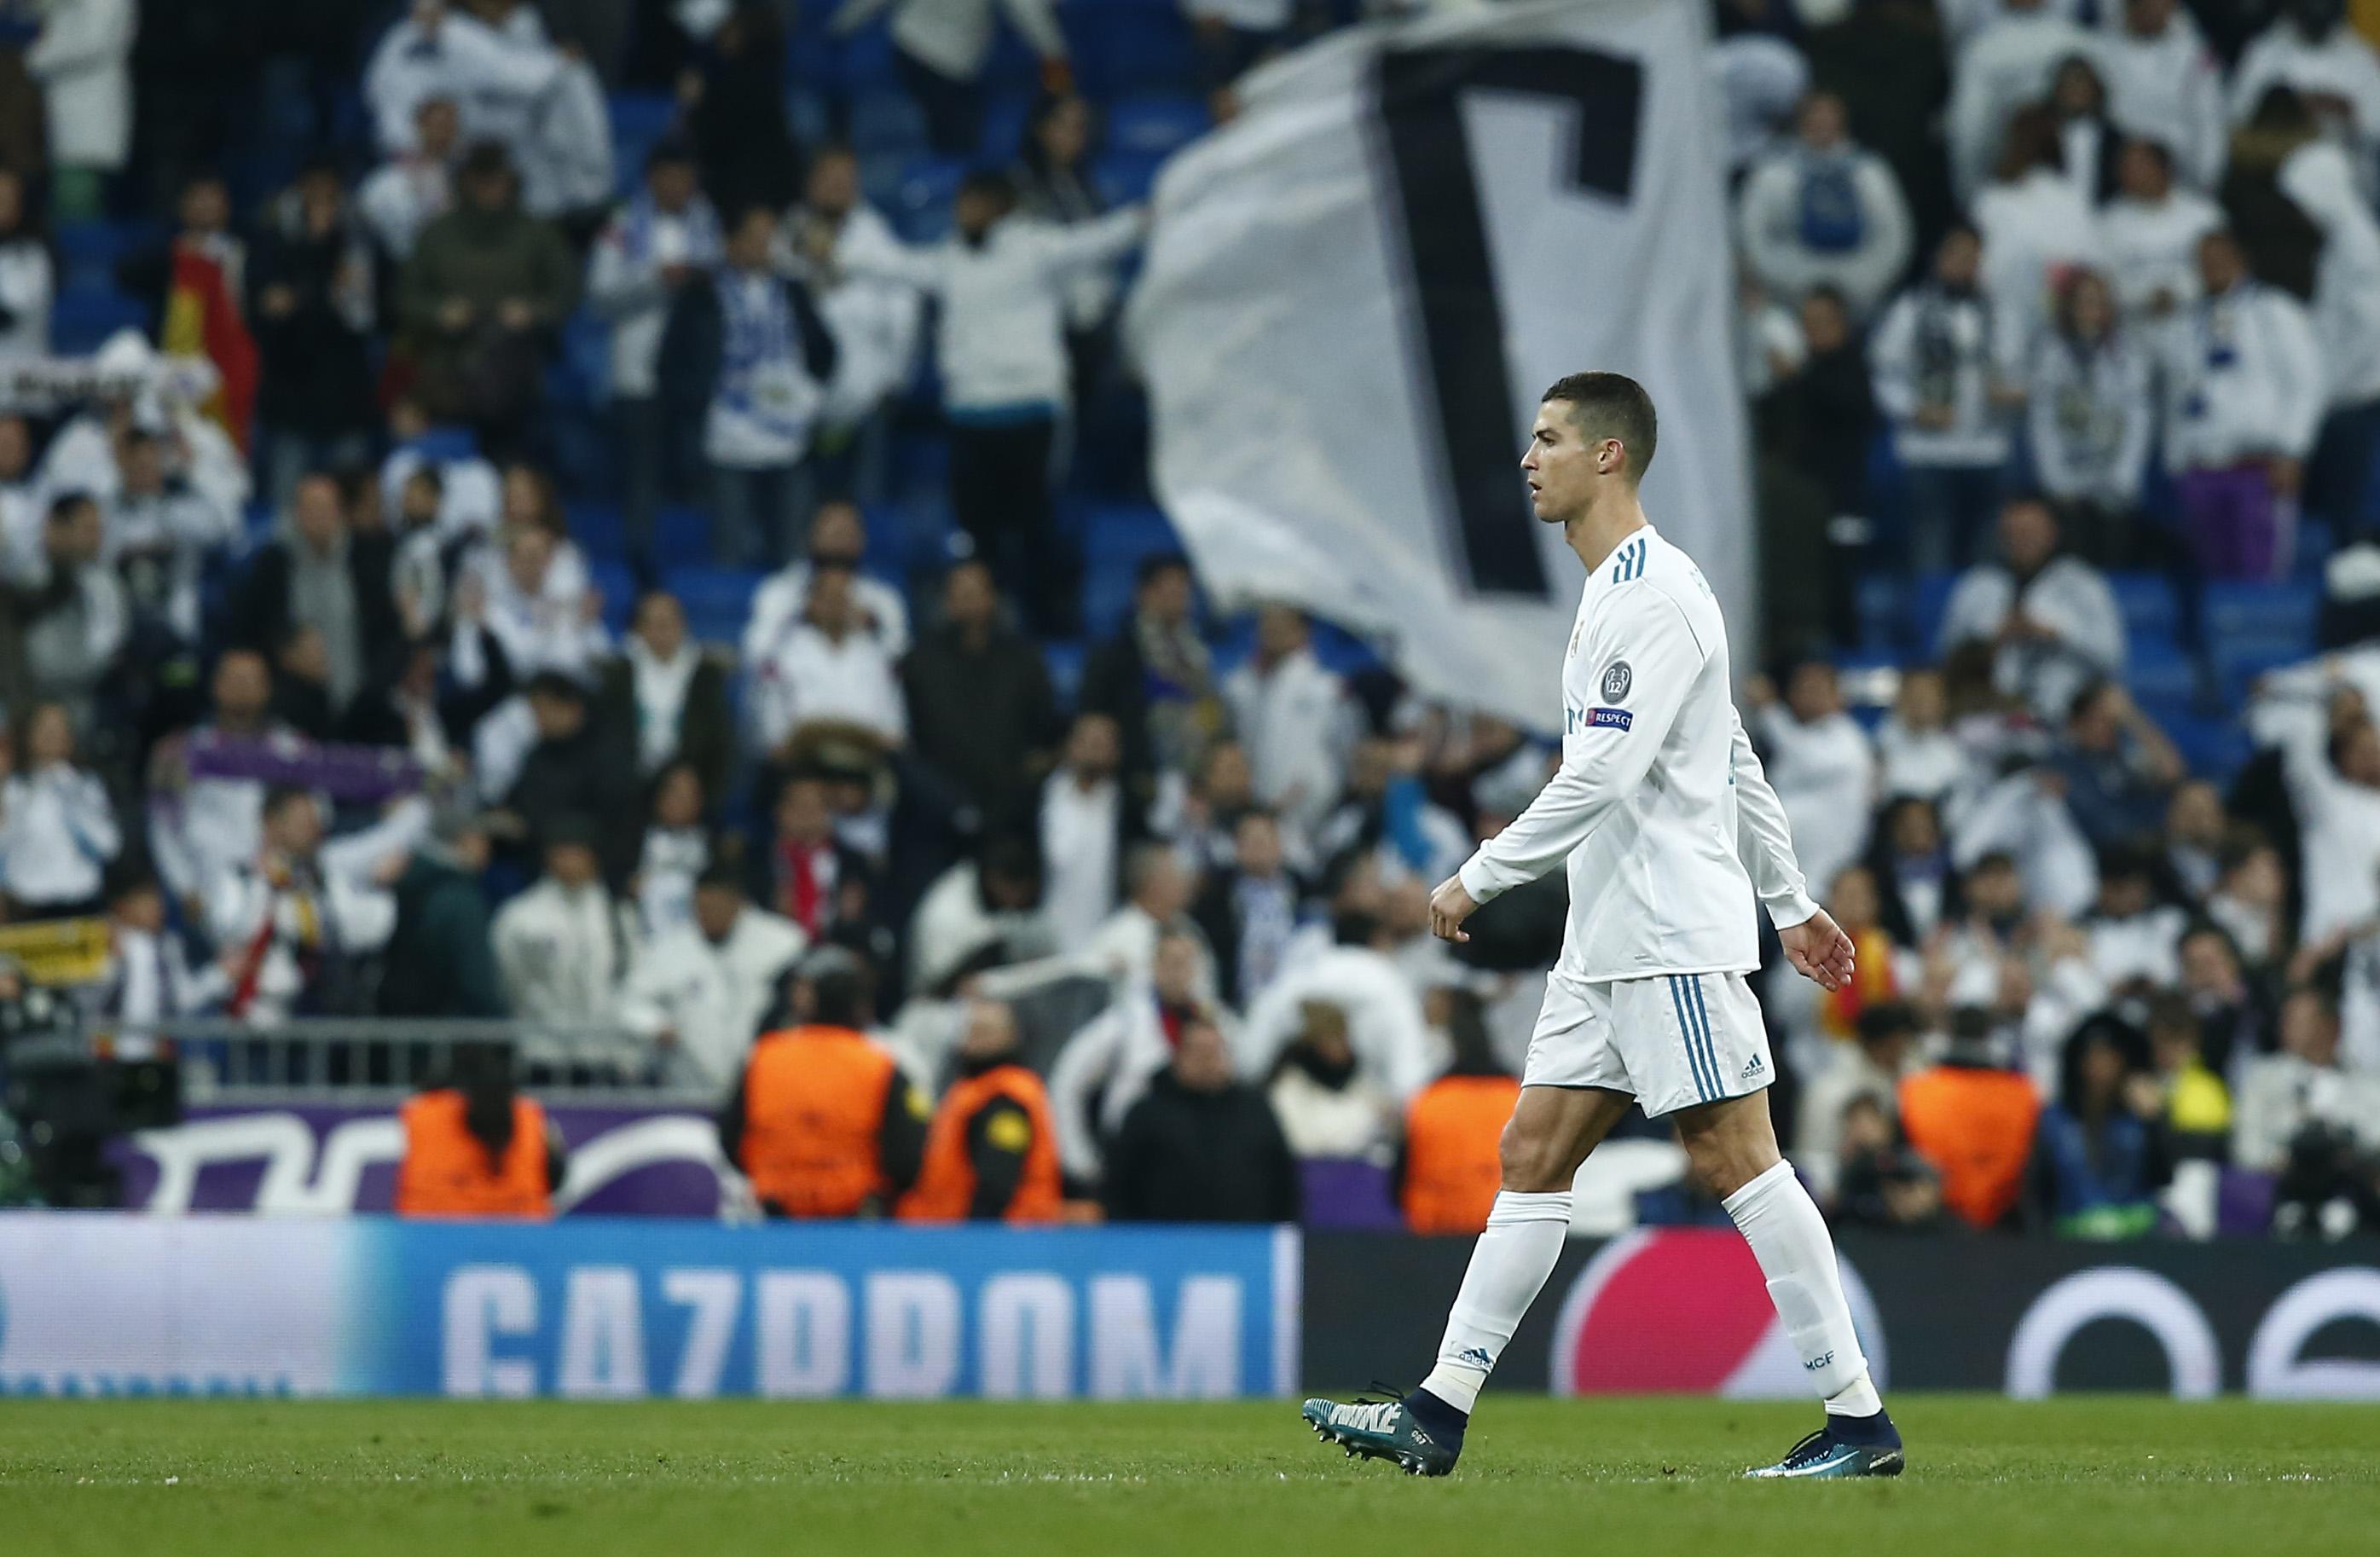 """Звездата на Реал Мадрид Кристиано Роналдо изрази надежда """"белия балет"""""""